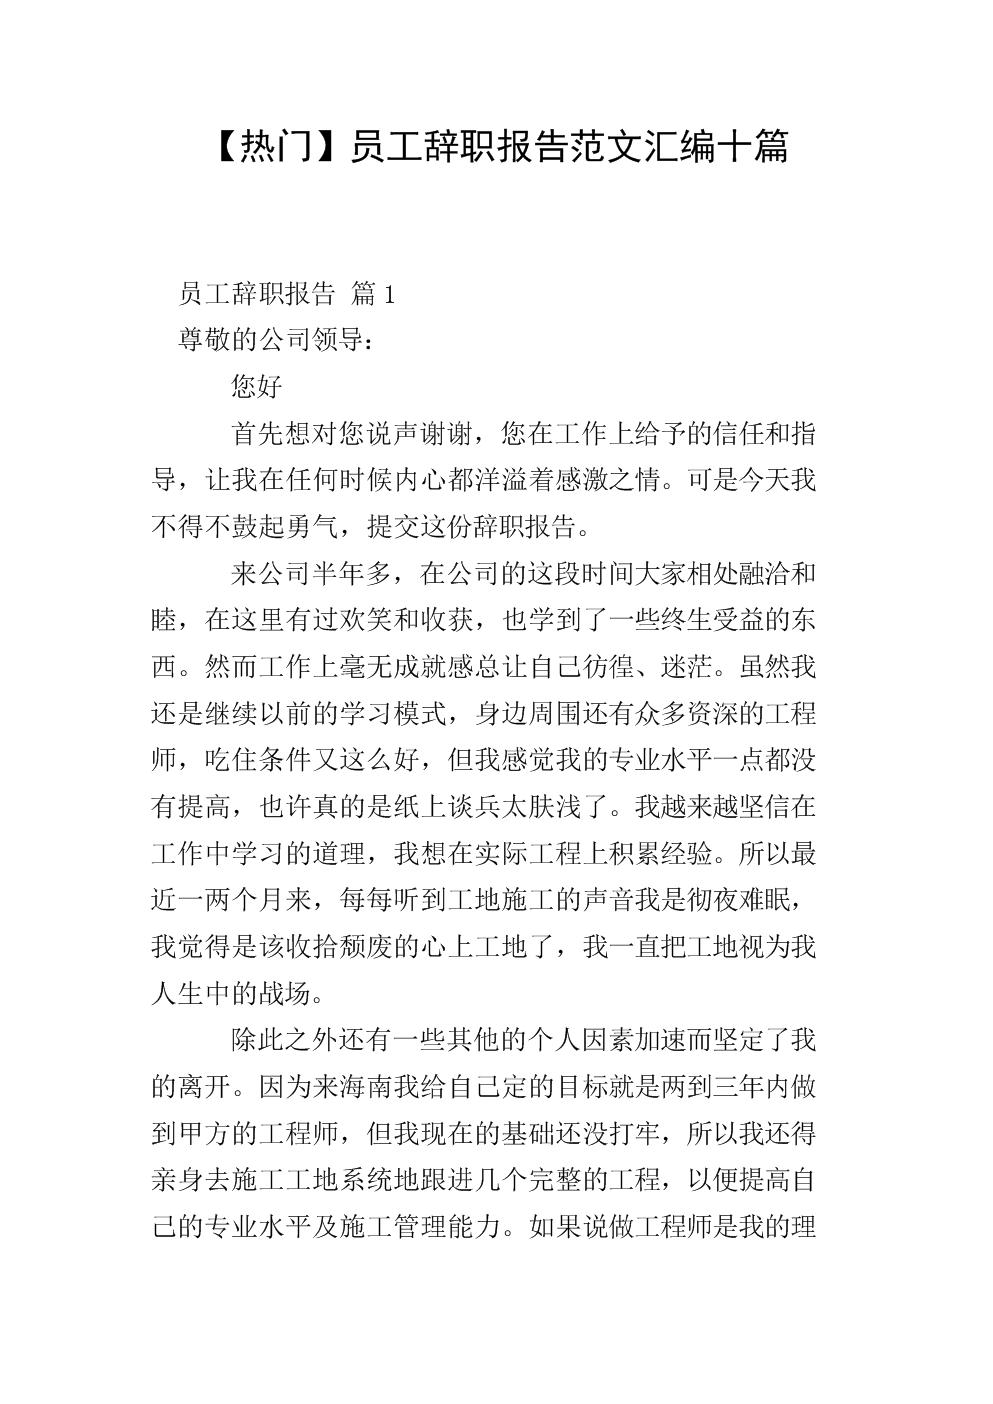 【热门】员工辞职报告范文汇编十篇.doc